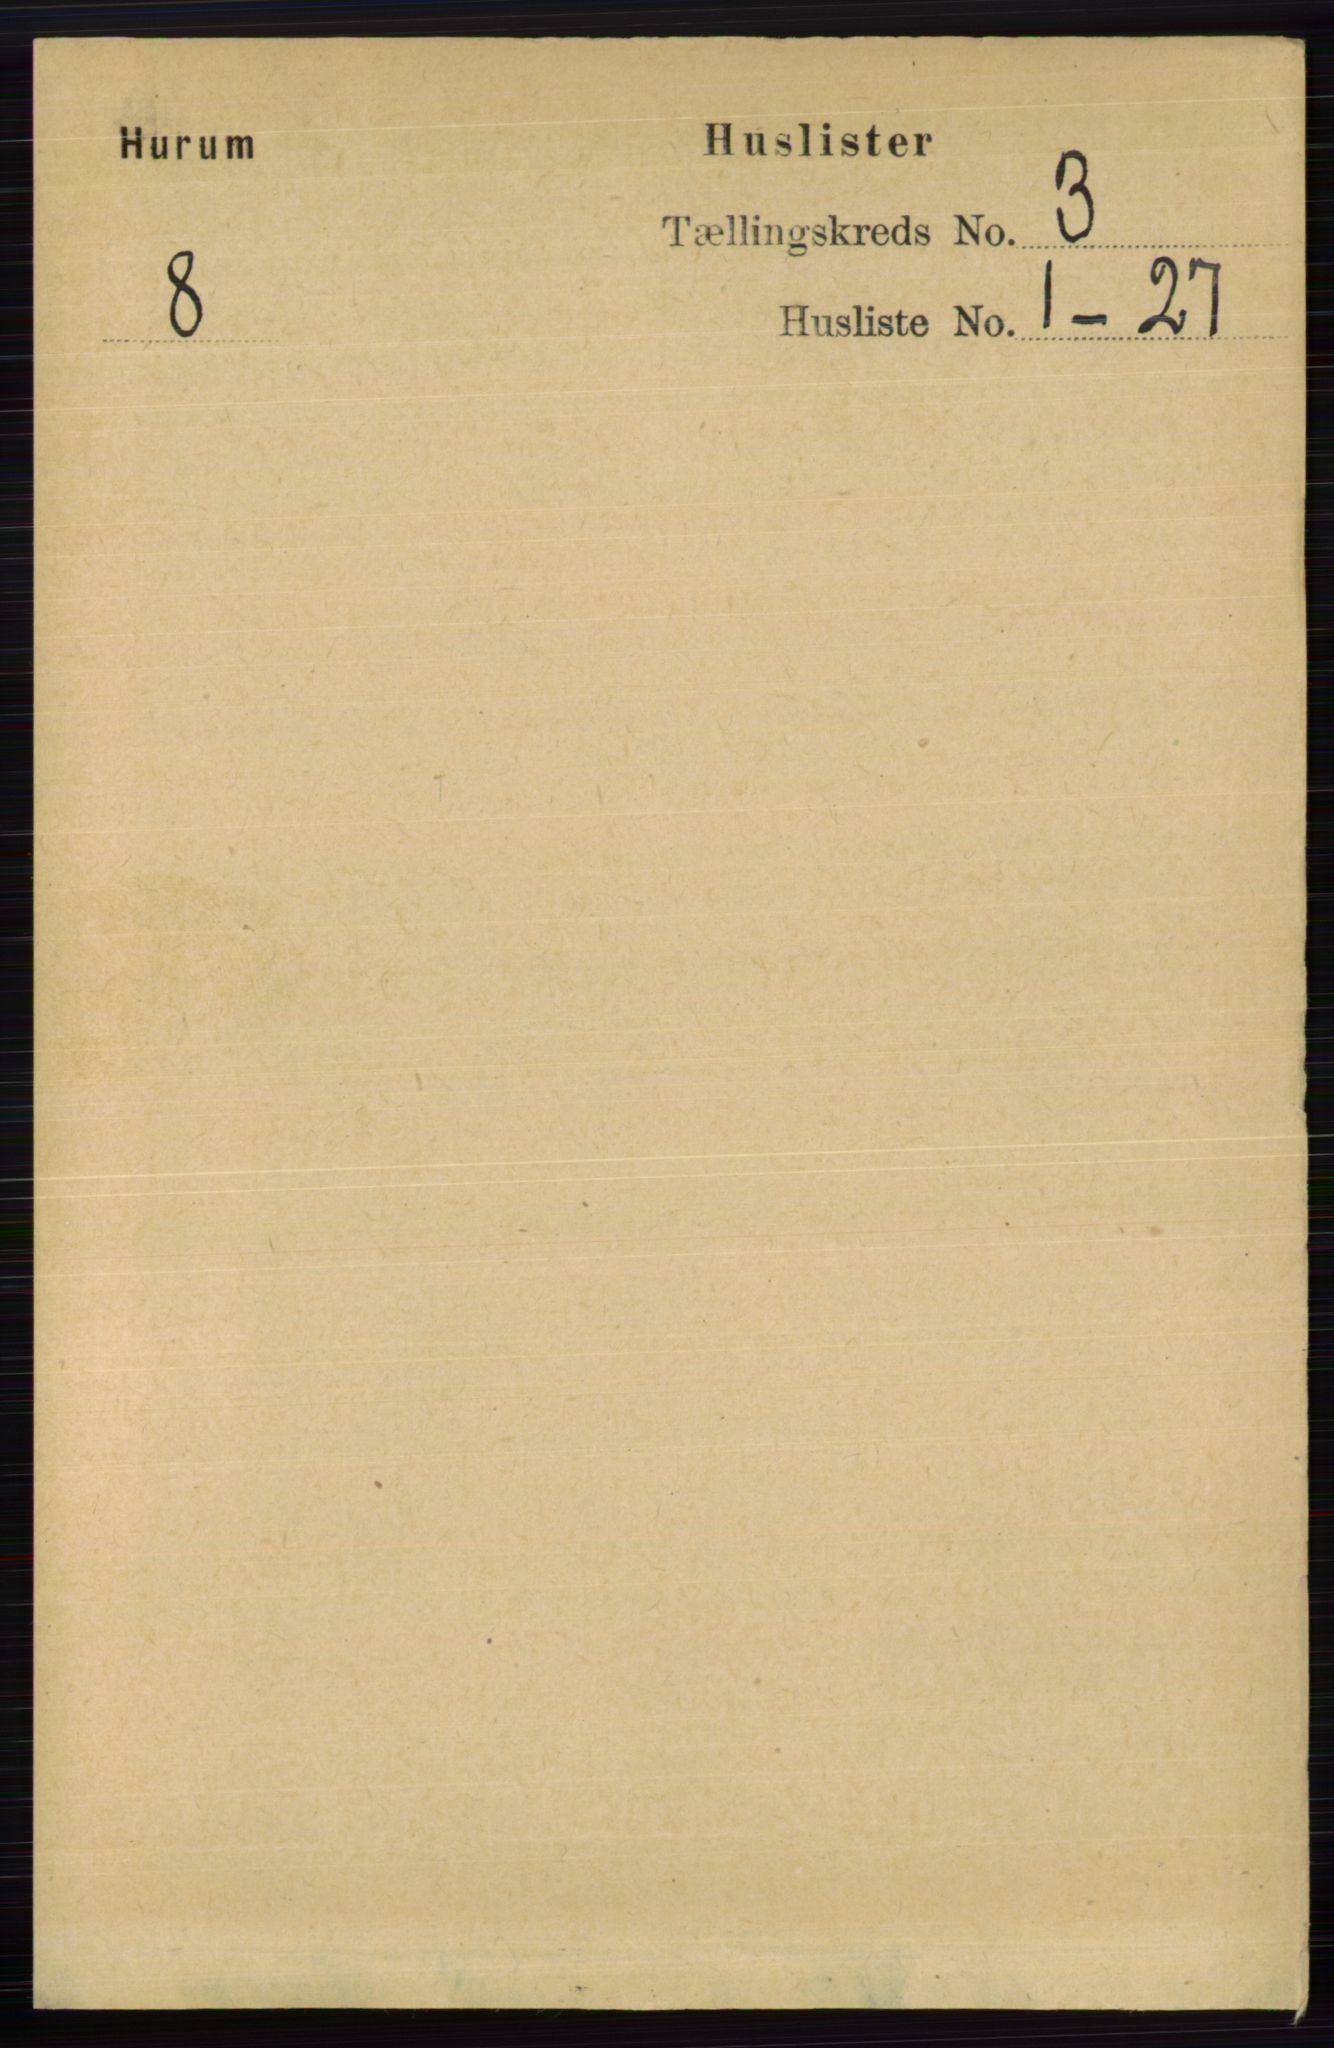 RA, Folketelling 1891 for 0628 Hurum herred, 1891, s. 918